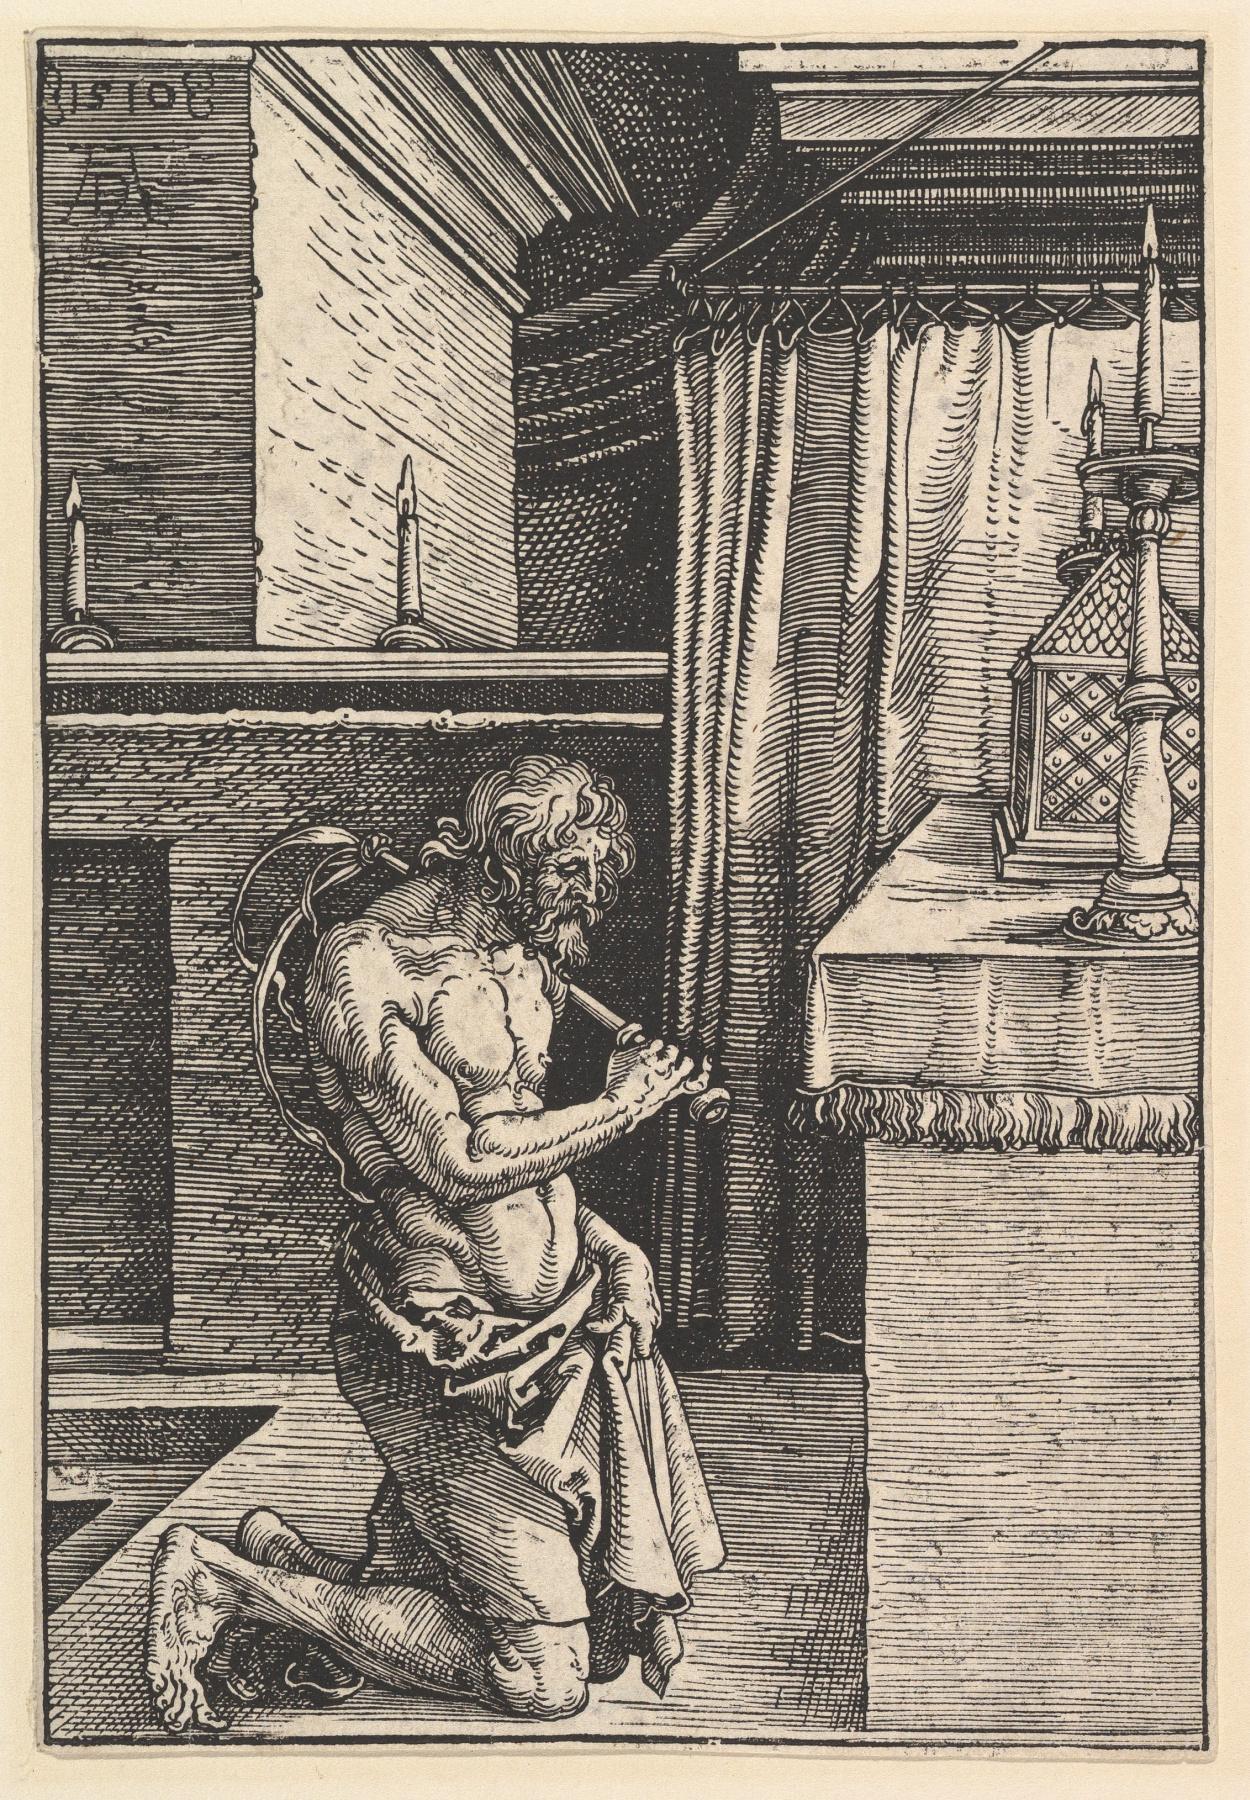 Albrecht Dürer. Repentance